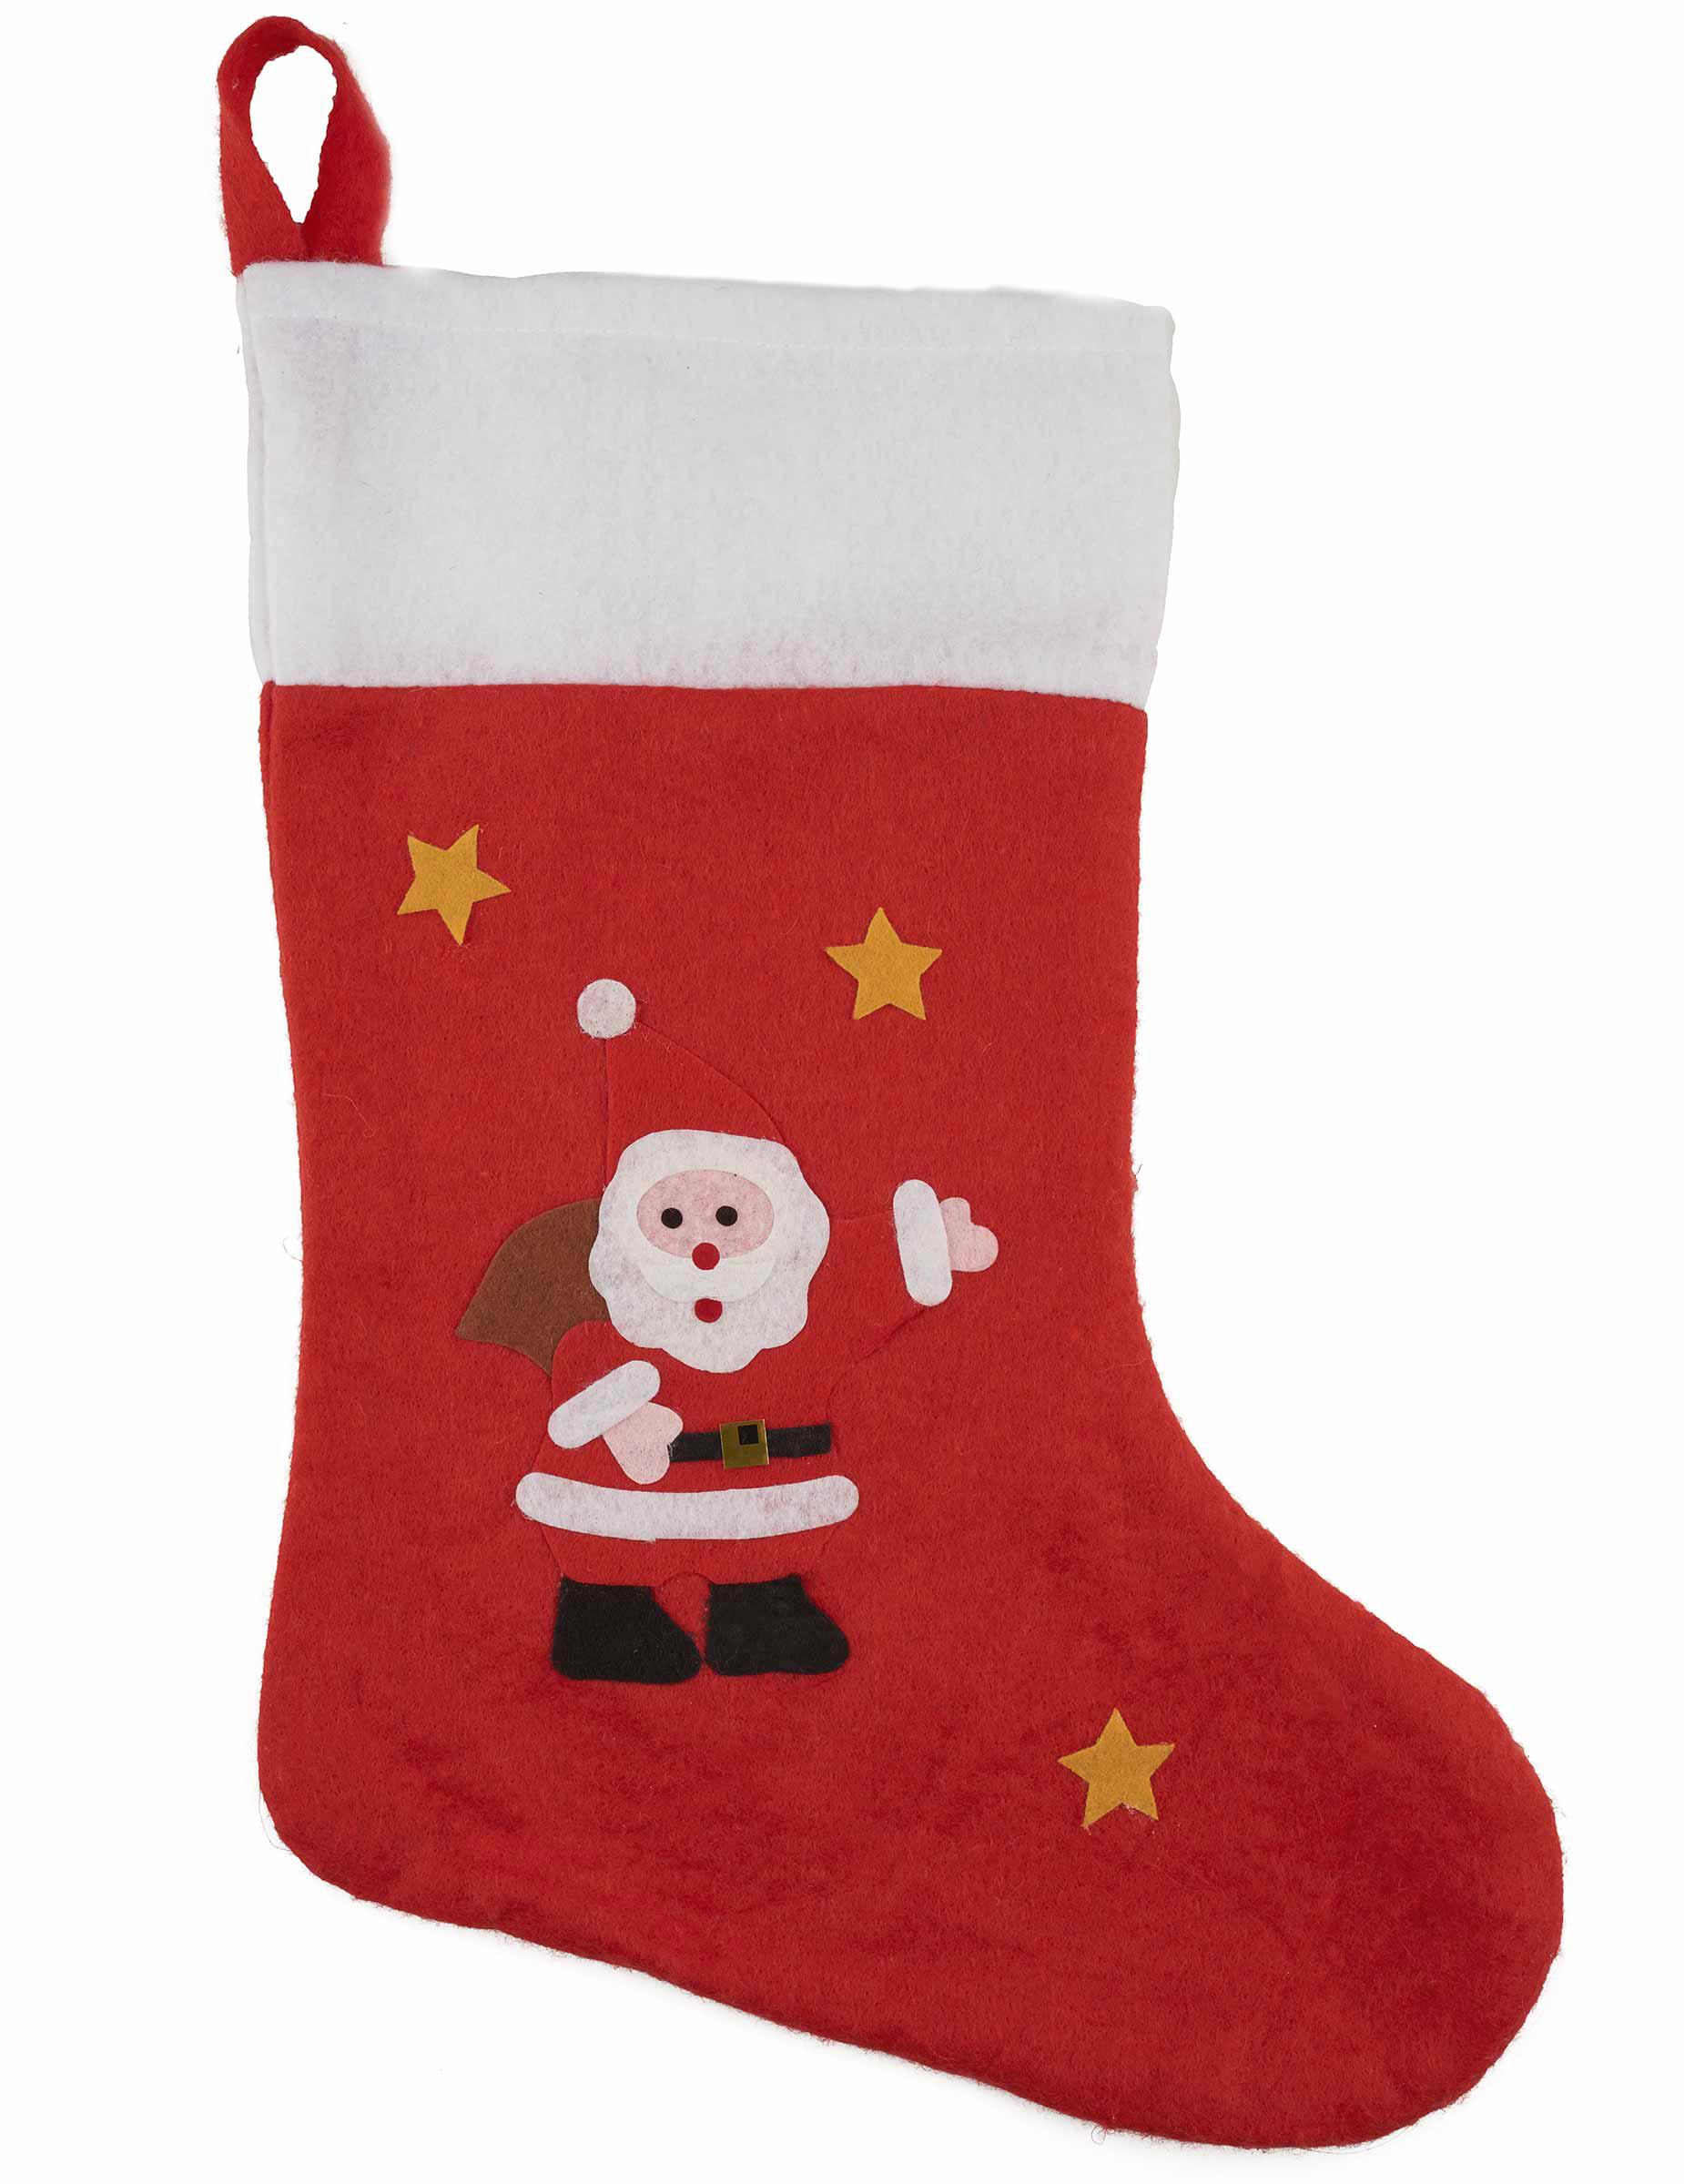 Calcetines navidad decoraci n y disfraces originales baratos vegaoo - Calcetines de navidad personalizados ...